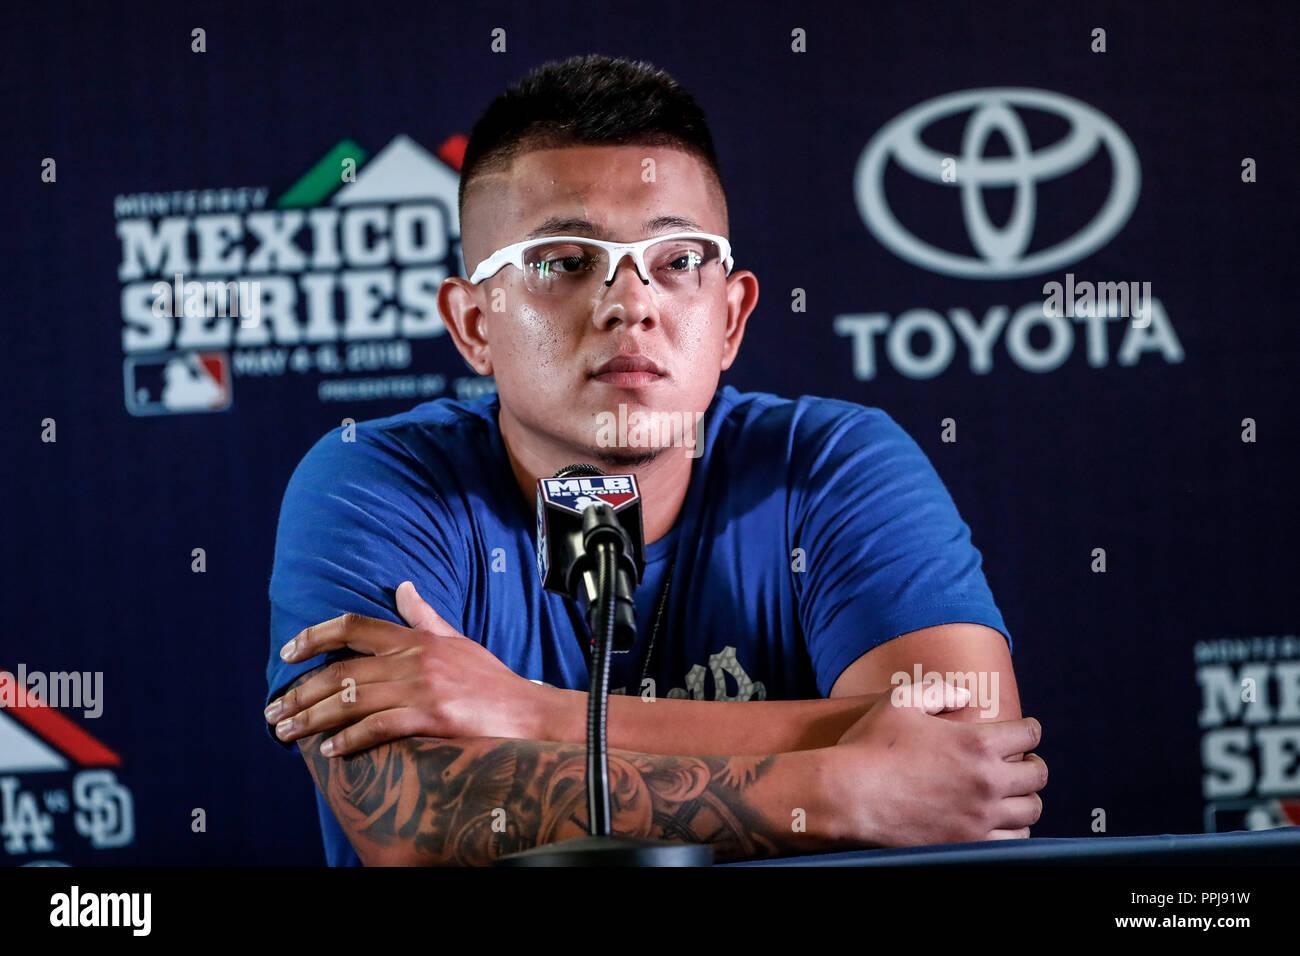 Julio Urias pitcher  mexicano de los Dodgers de LA en rueda de prensa, previo al partido de los Dodgers de Los Angeles contra Padres de San Diego, dur - Stock Image